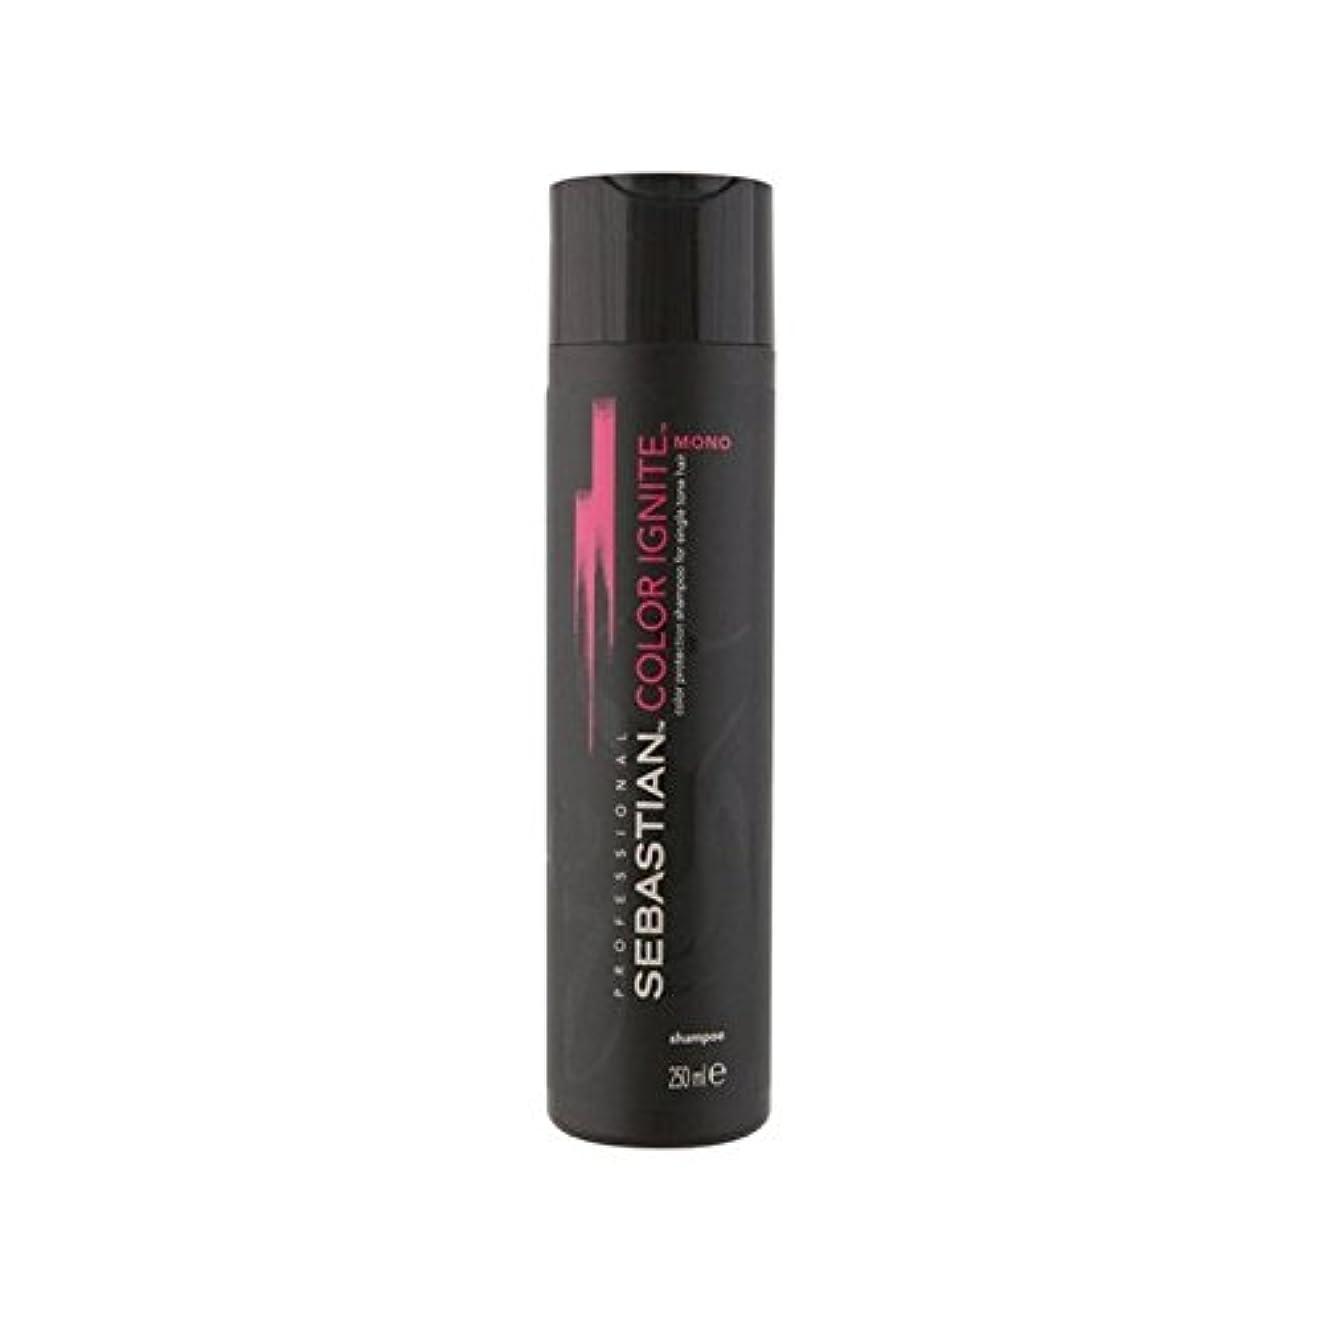 まぶしさ本質的にキャベツSebastian Professional Color Ignite Mono Shampoo (250ml) (Pack of 6) - セバスチャンプロのカラーにモノシャンプー(250ミリリットル) x6 [並行輸入品]